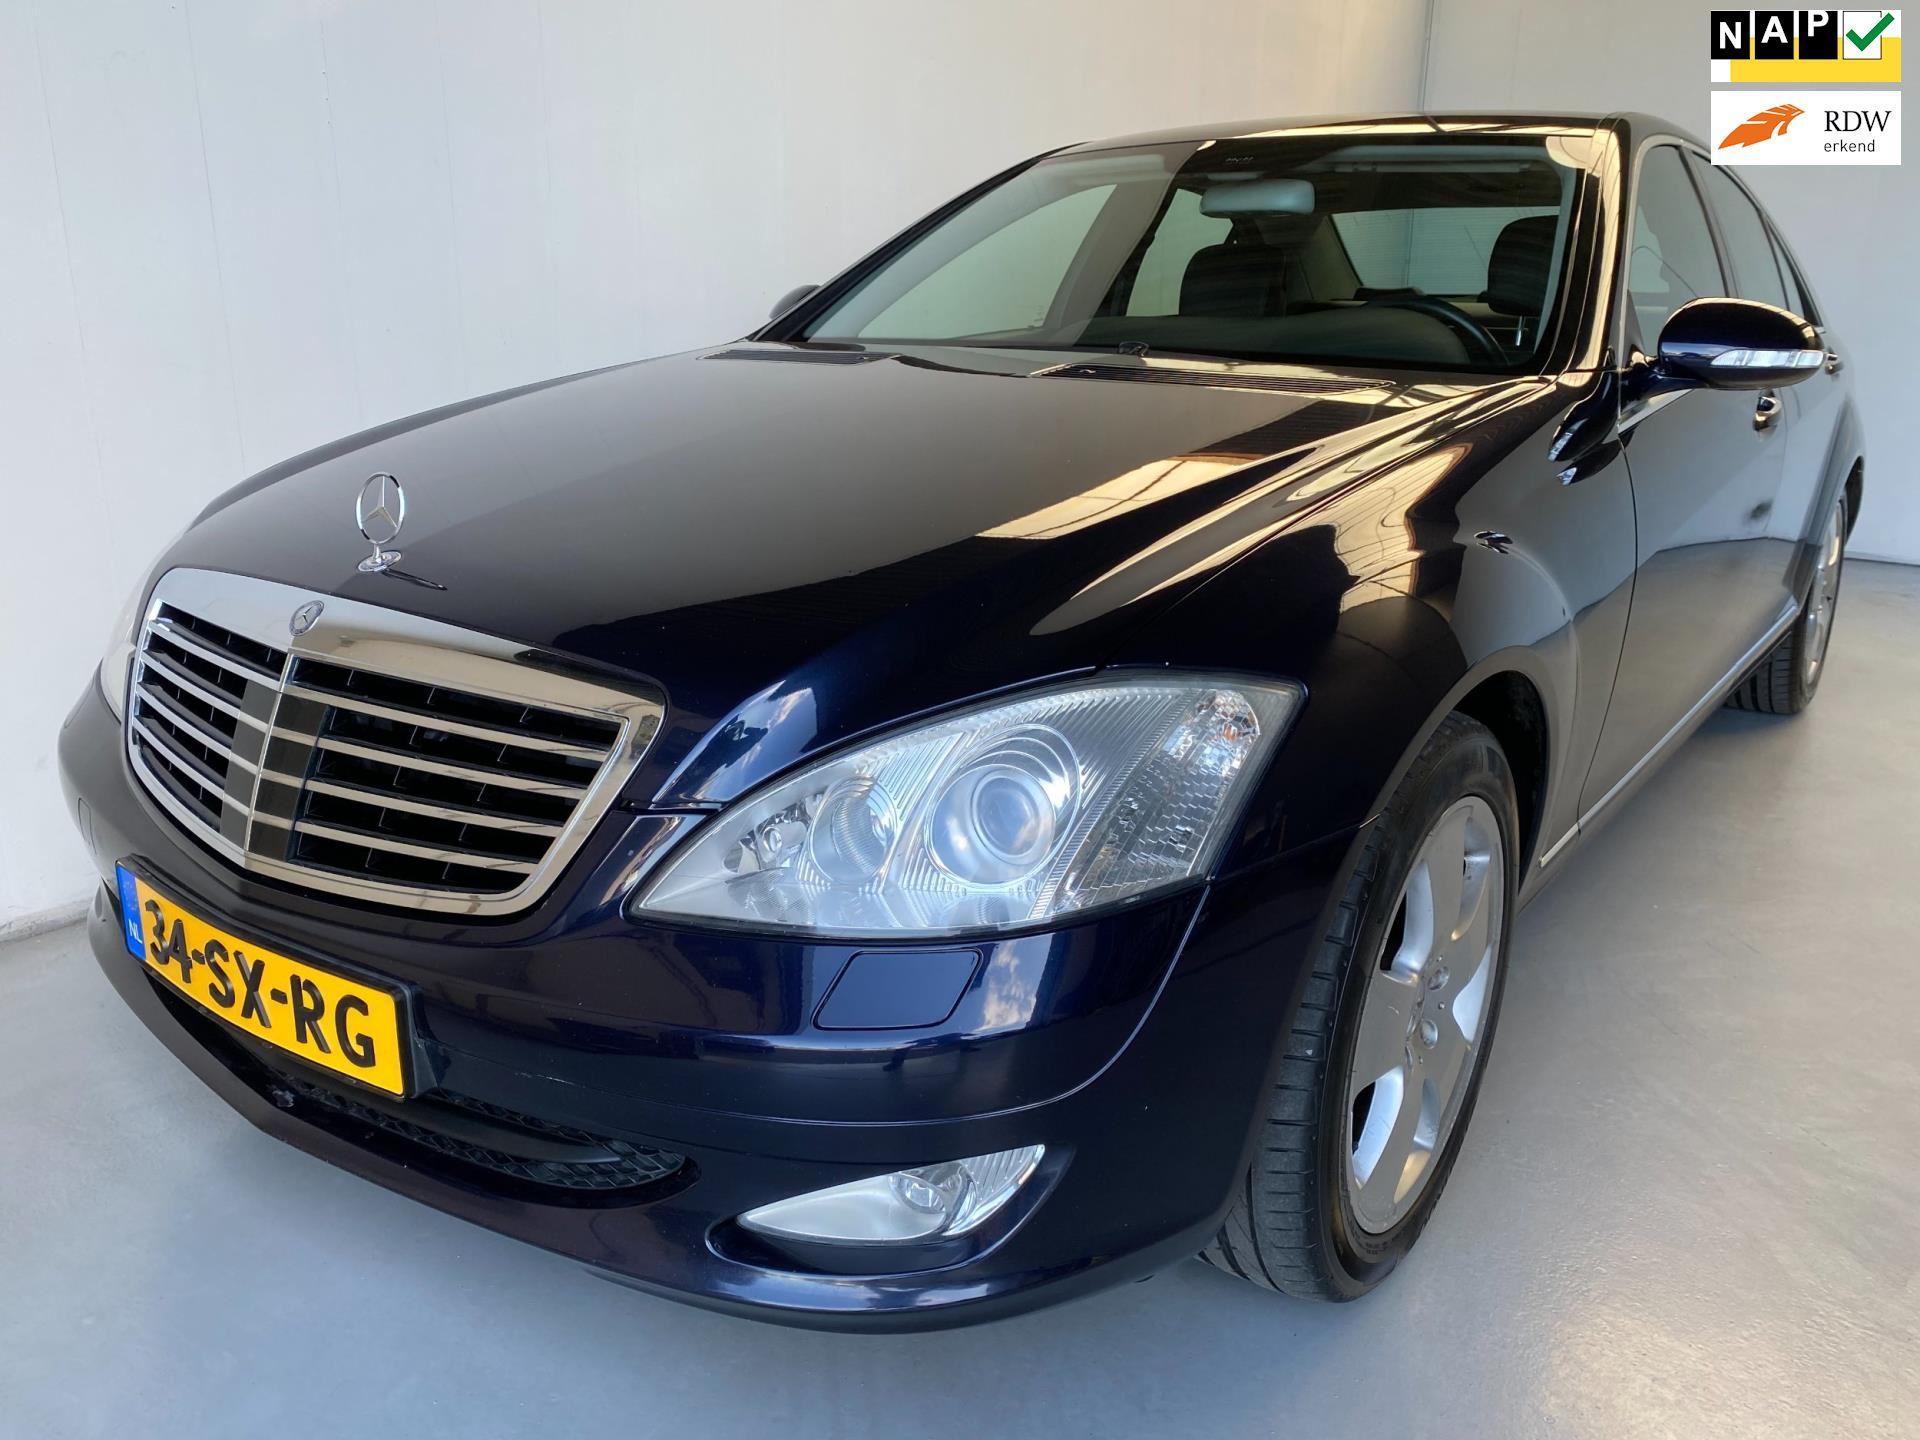 Mercedes-Benz S-klasse occasion - Autobedrijf Leeuwis B.V.